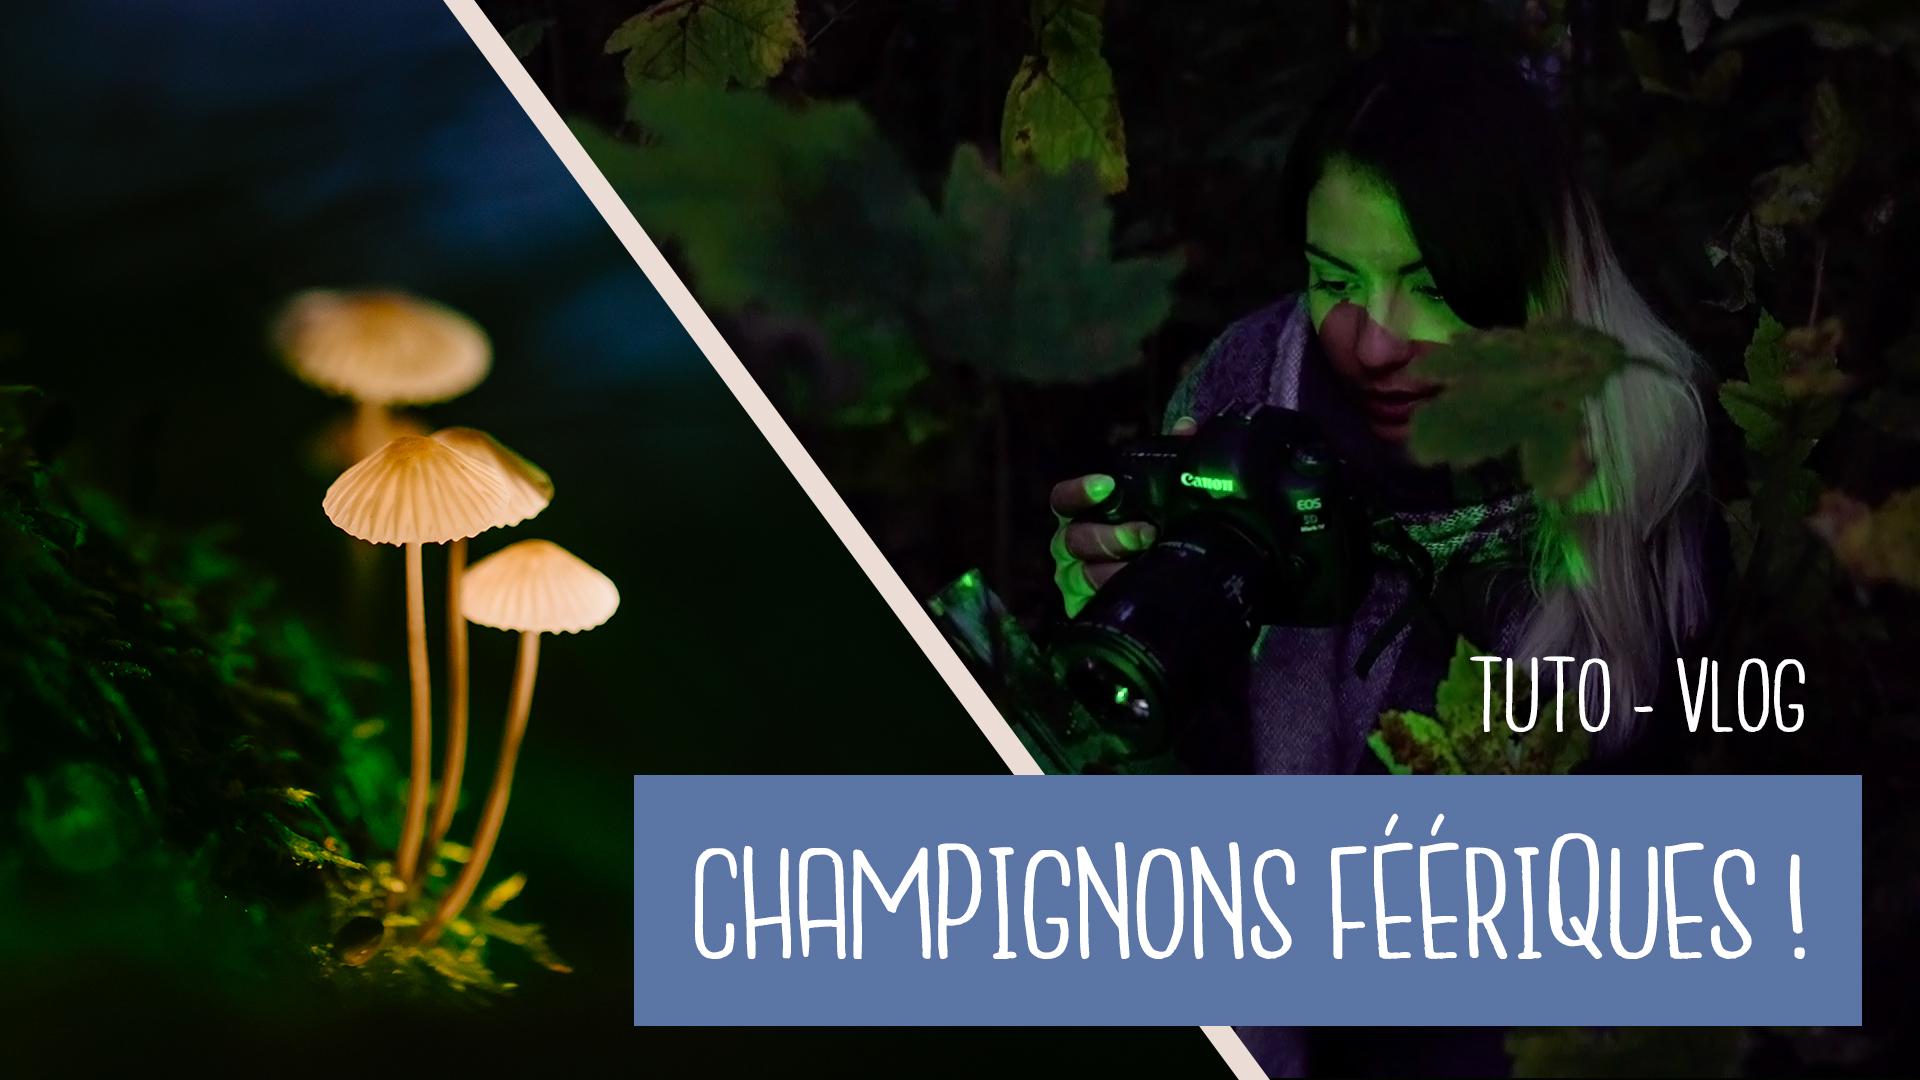 TUTO PHOTO : Des champignons féériques !